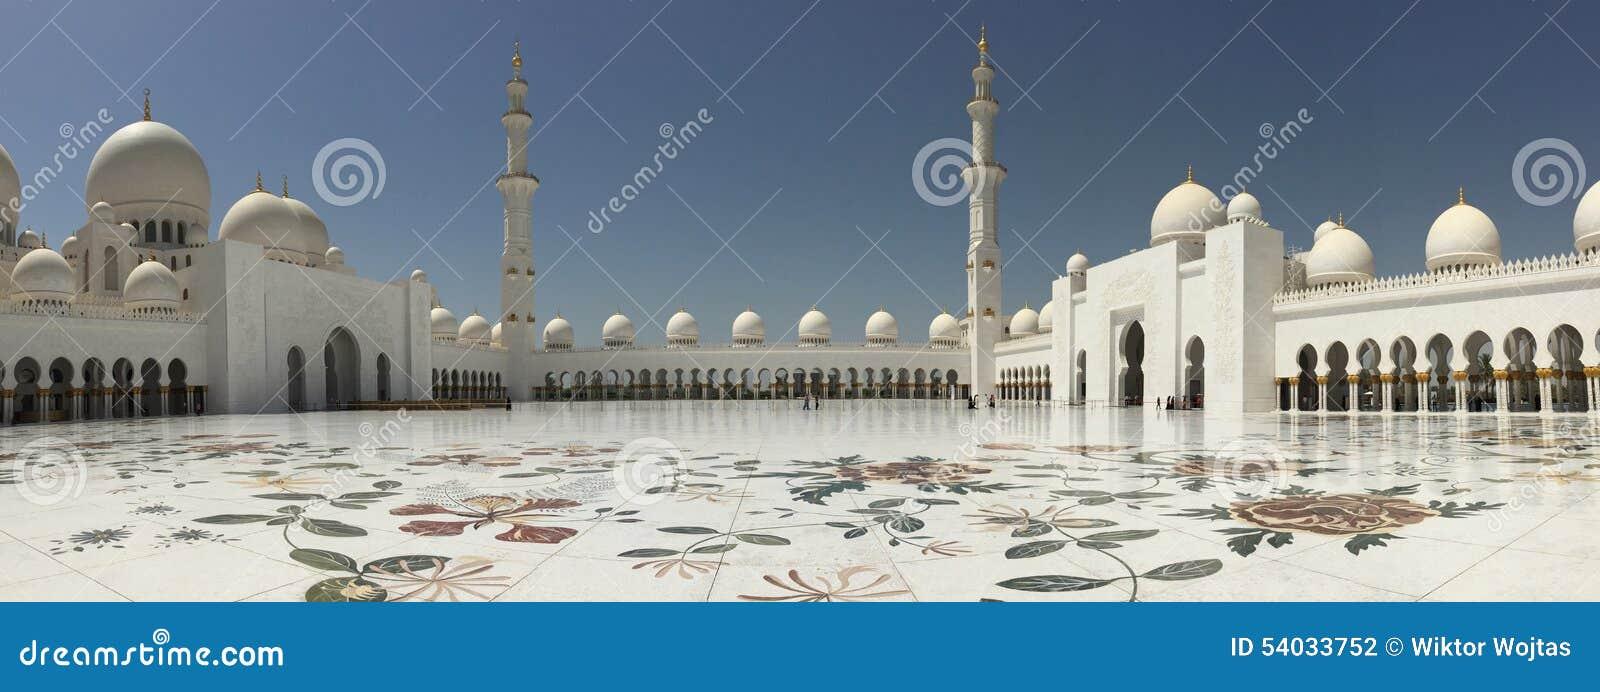 Sheikh Zayed Mosque Editorial Image Cartoondealer Com